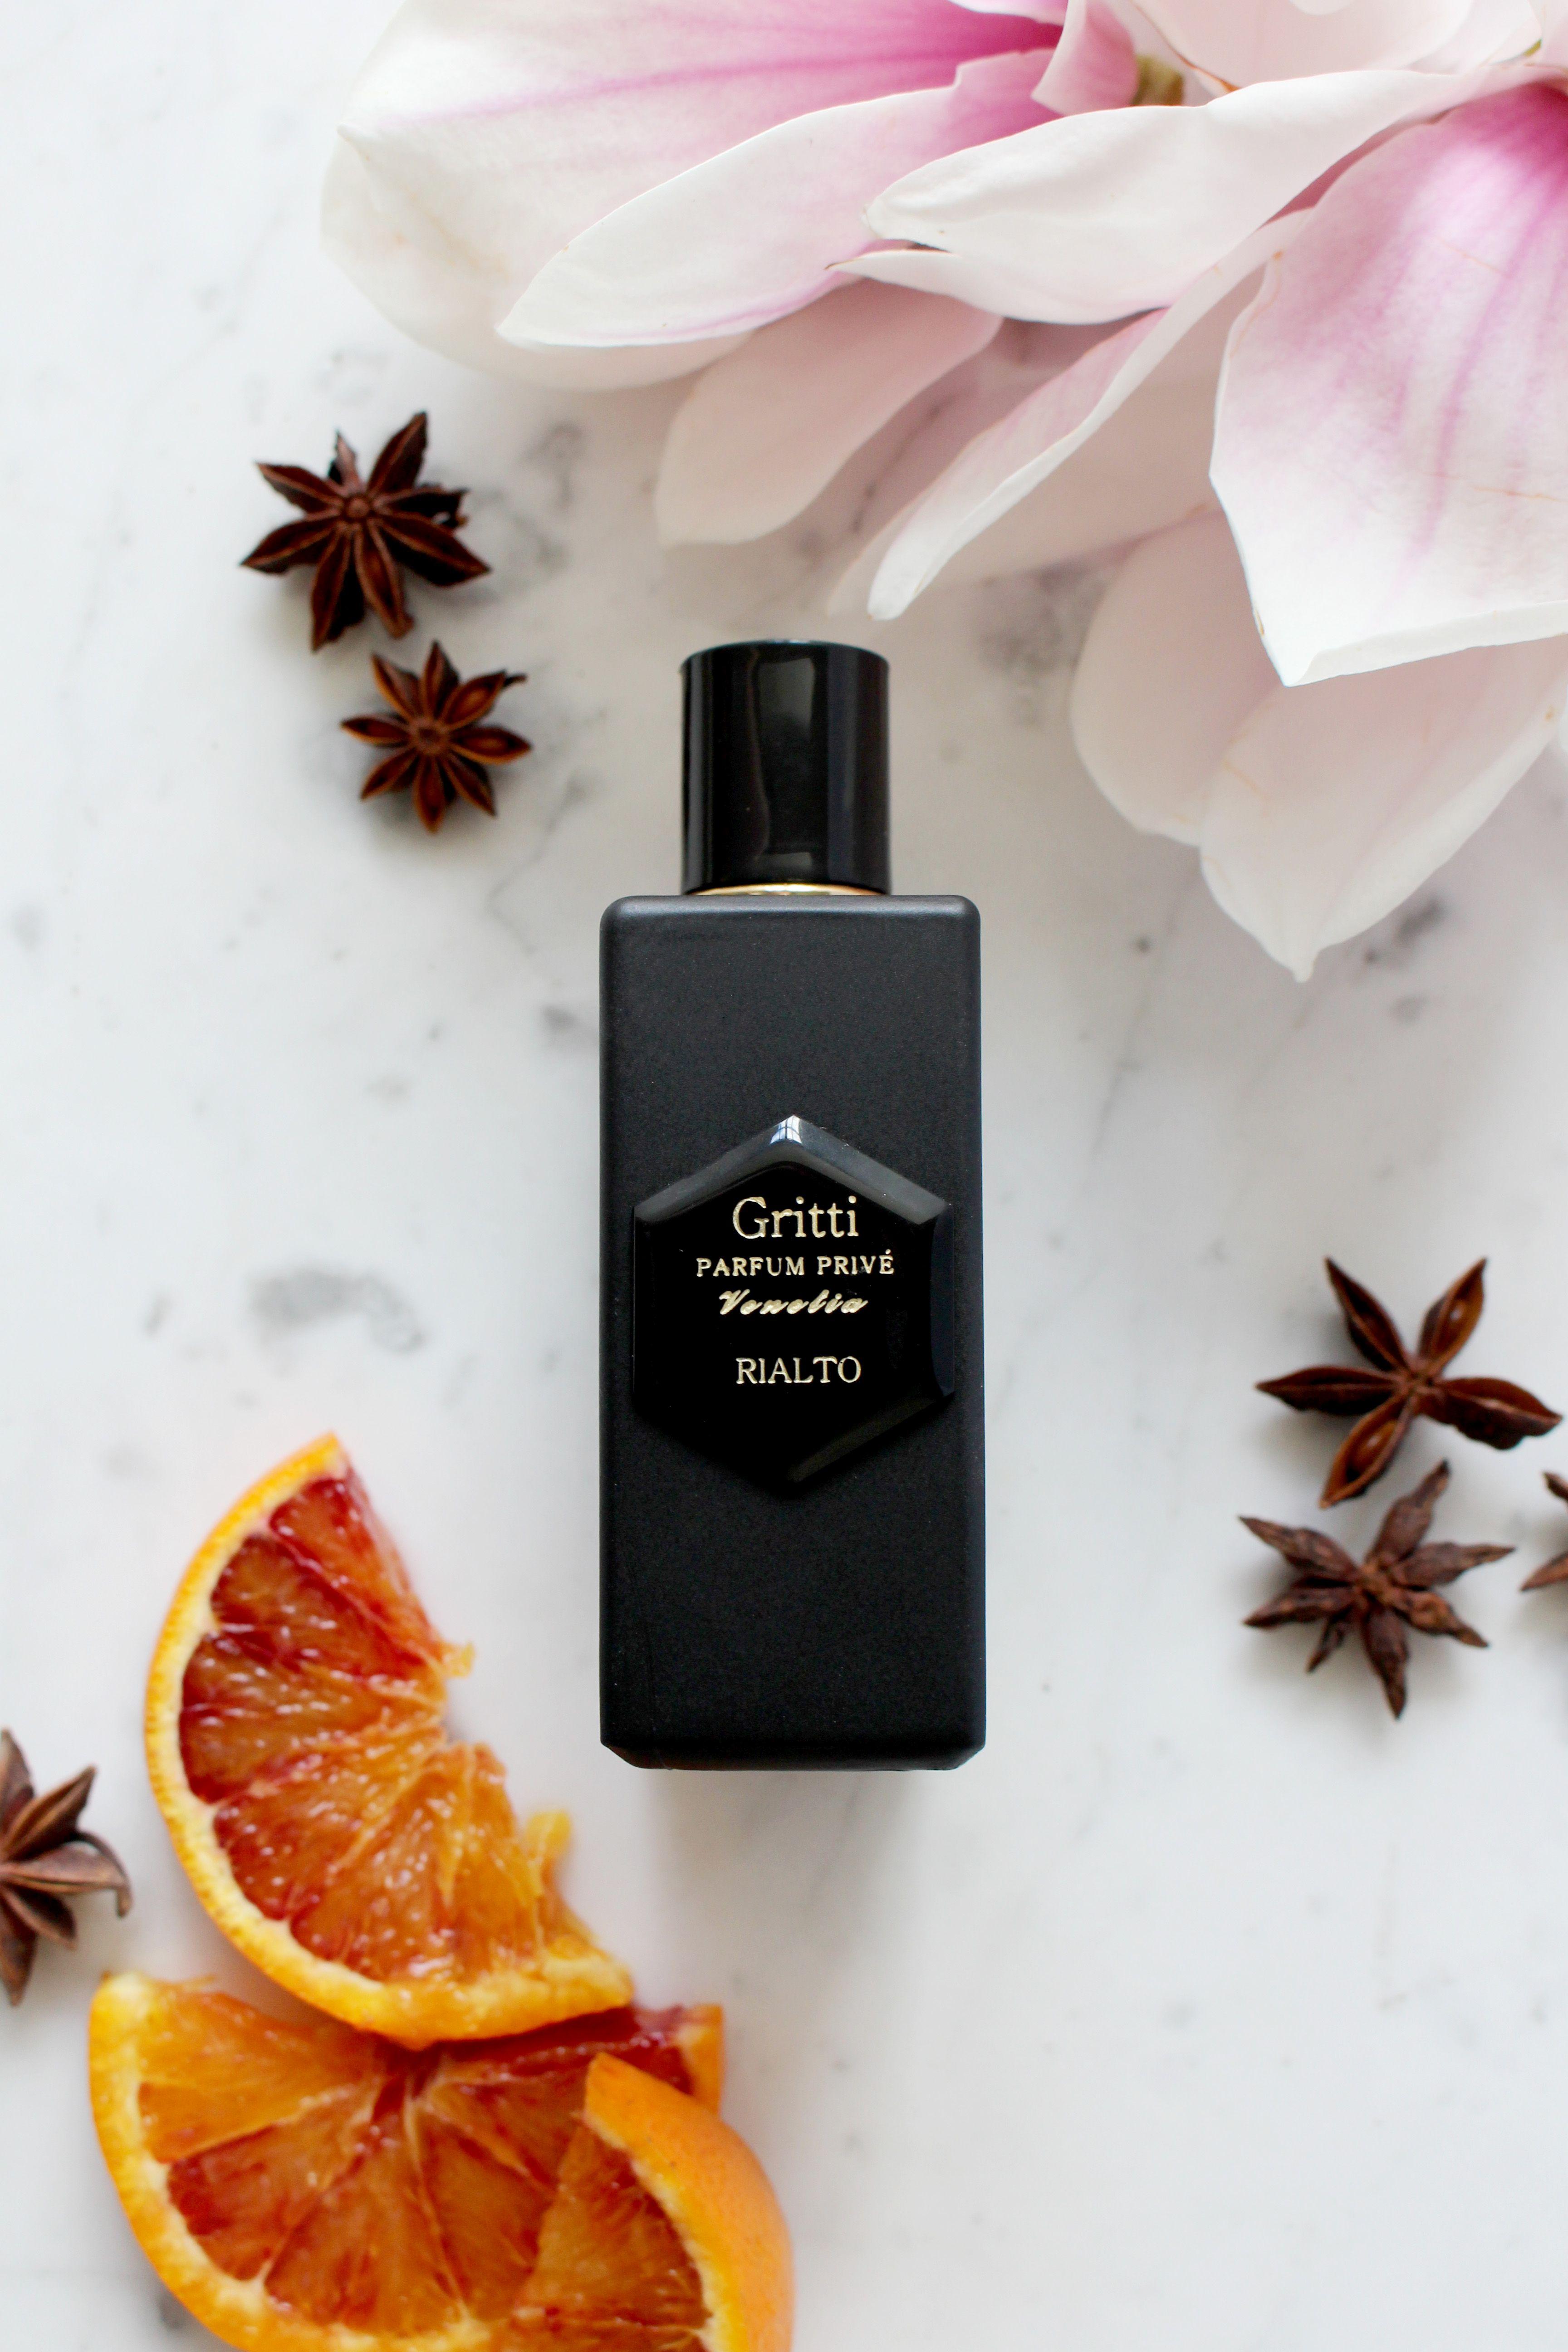 Gritti - Rialto - Parfum Privée - Eau de Parfum - 100 ml - Basic